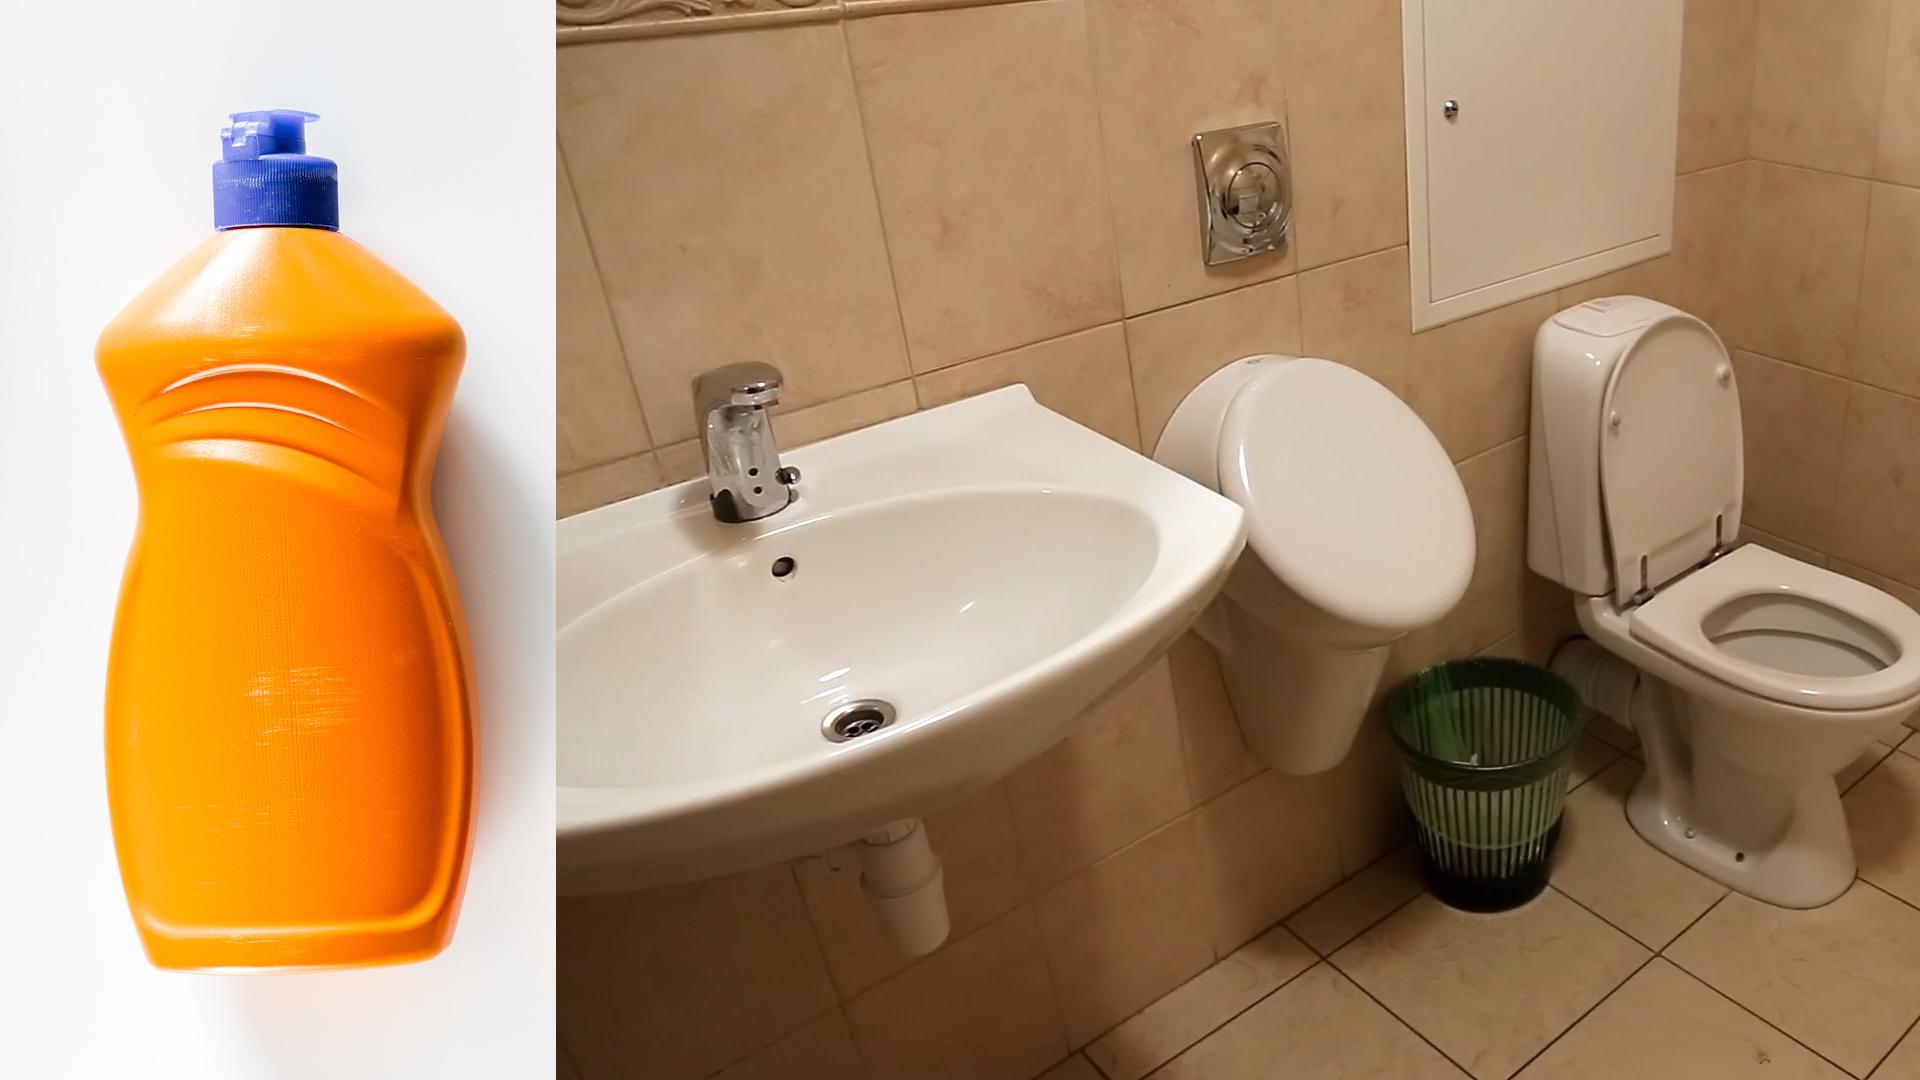 Płyn do mycia naczyń na zatkaną toaletę lub zlew